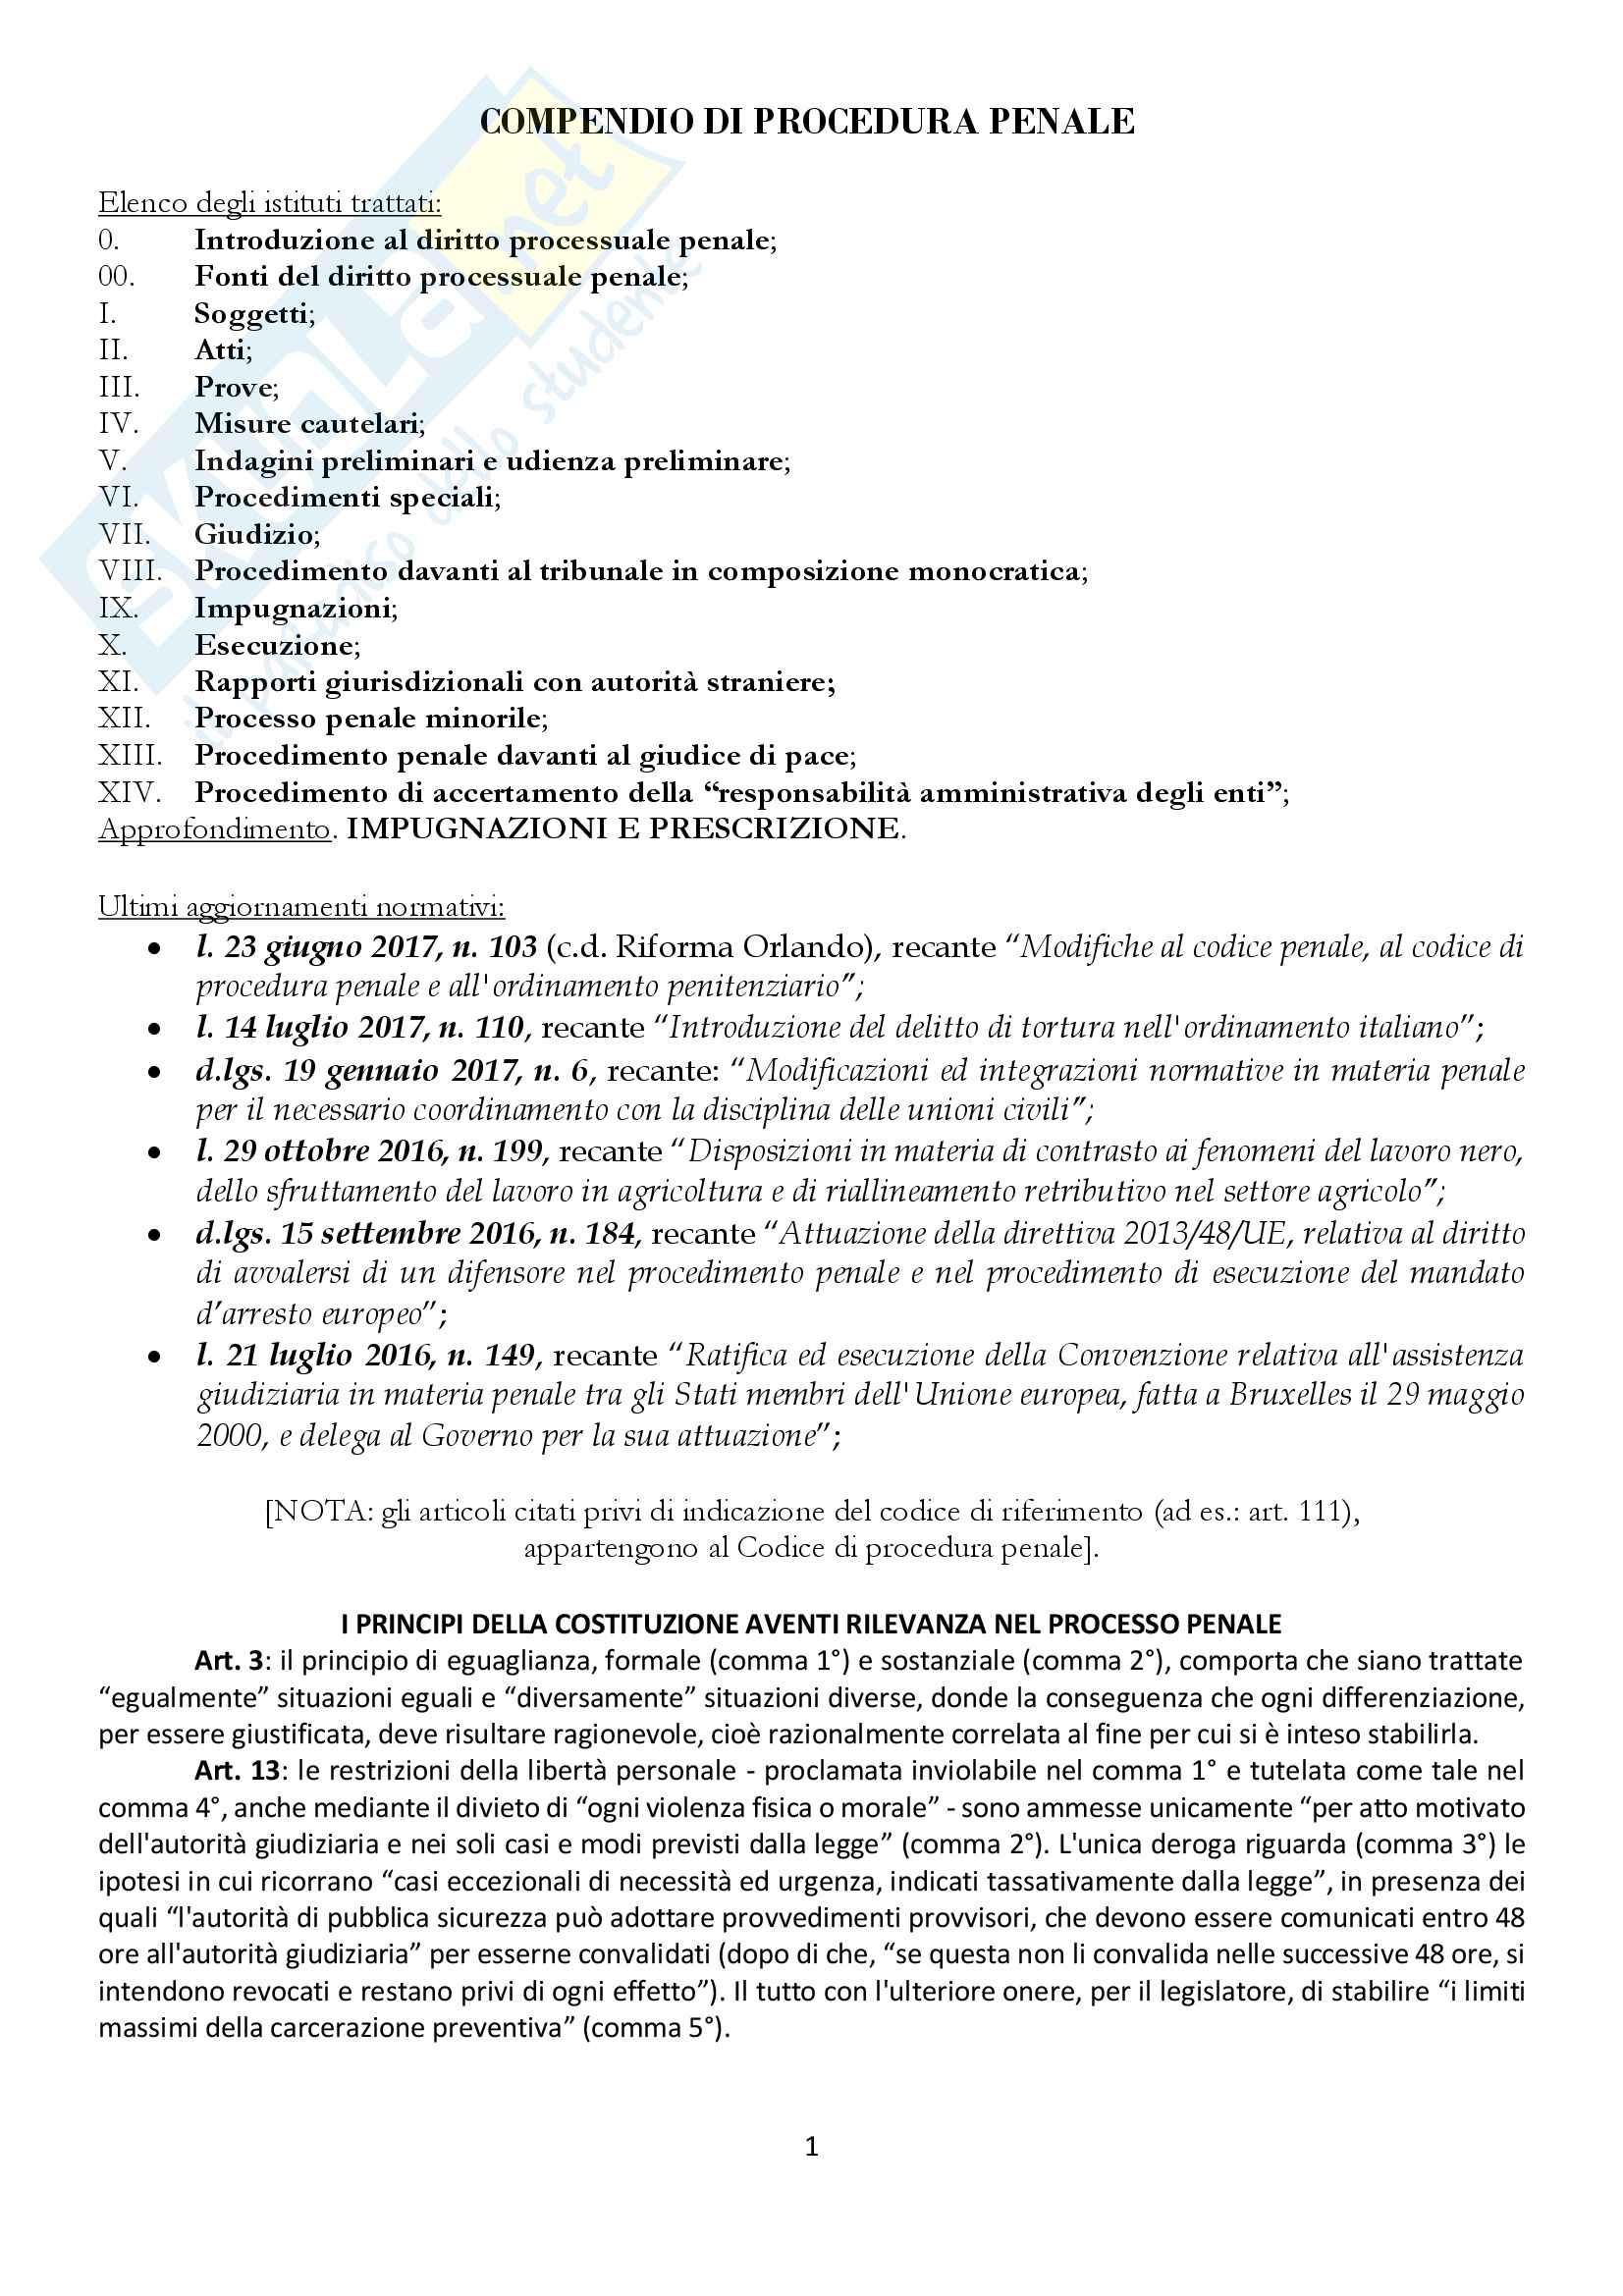 Riassunto esame Diritto Processuale Penale, prof. Illuminati, libro consigliato Compendio di Procedura penale, Conso-Grevi